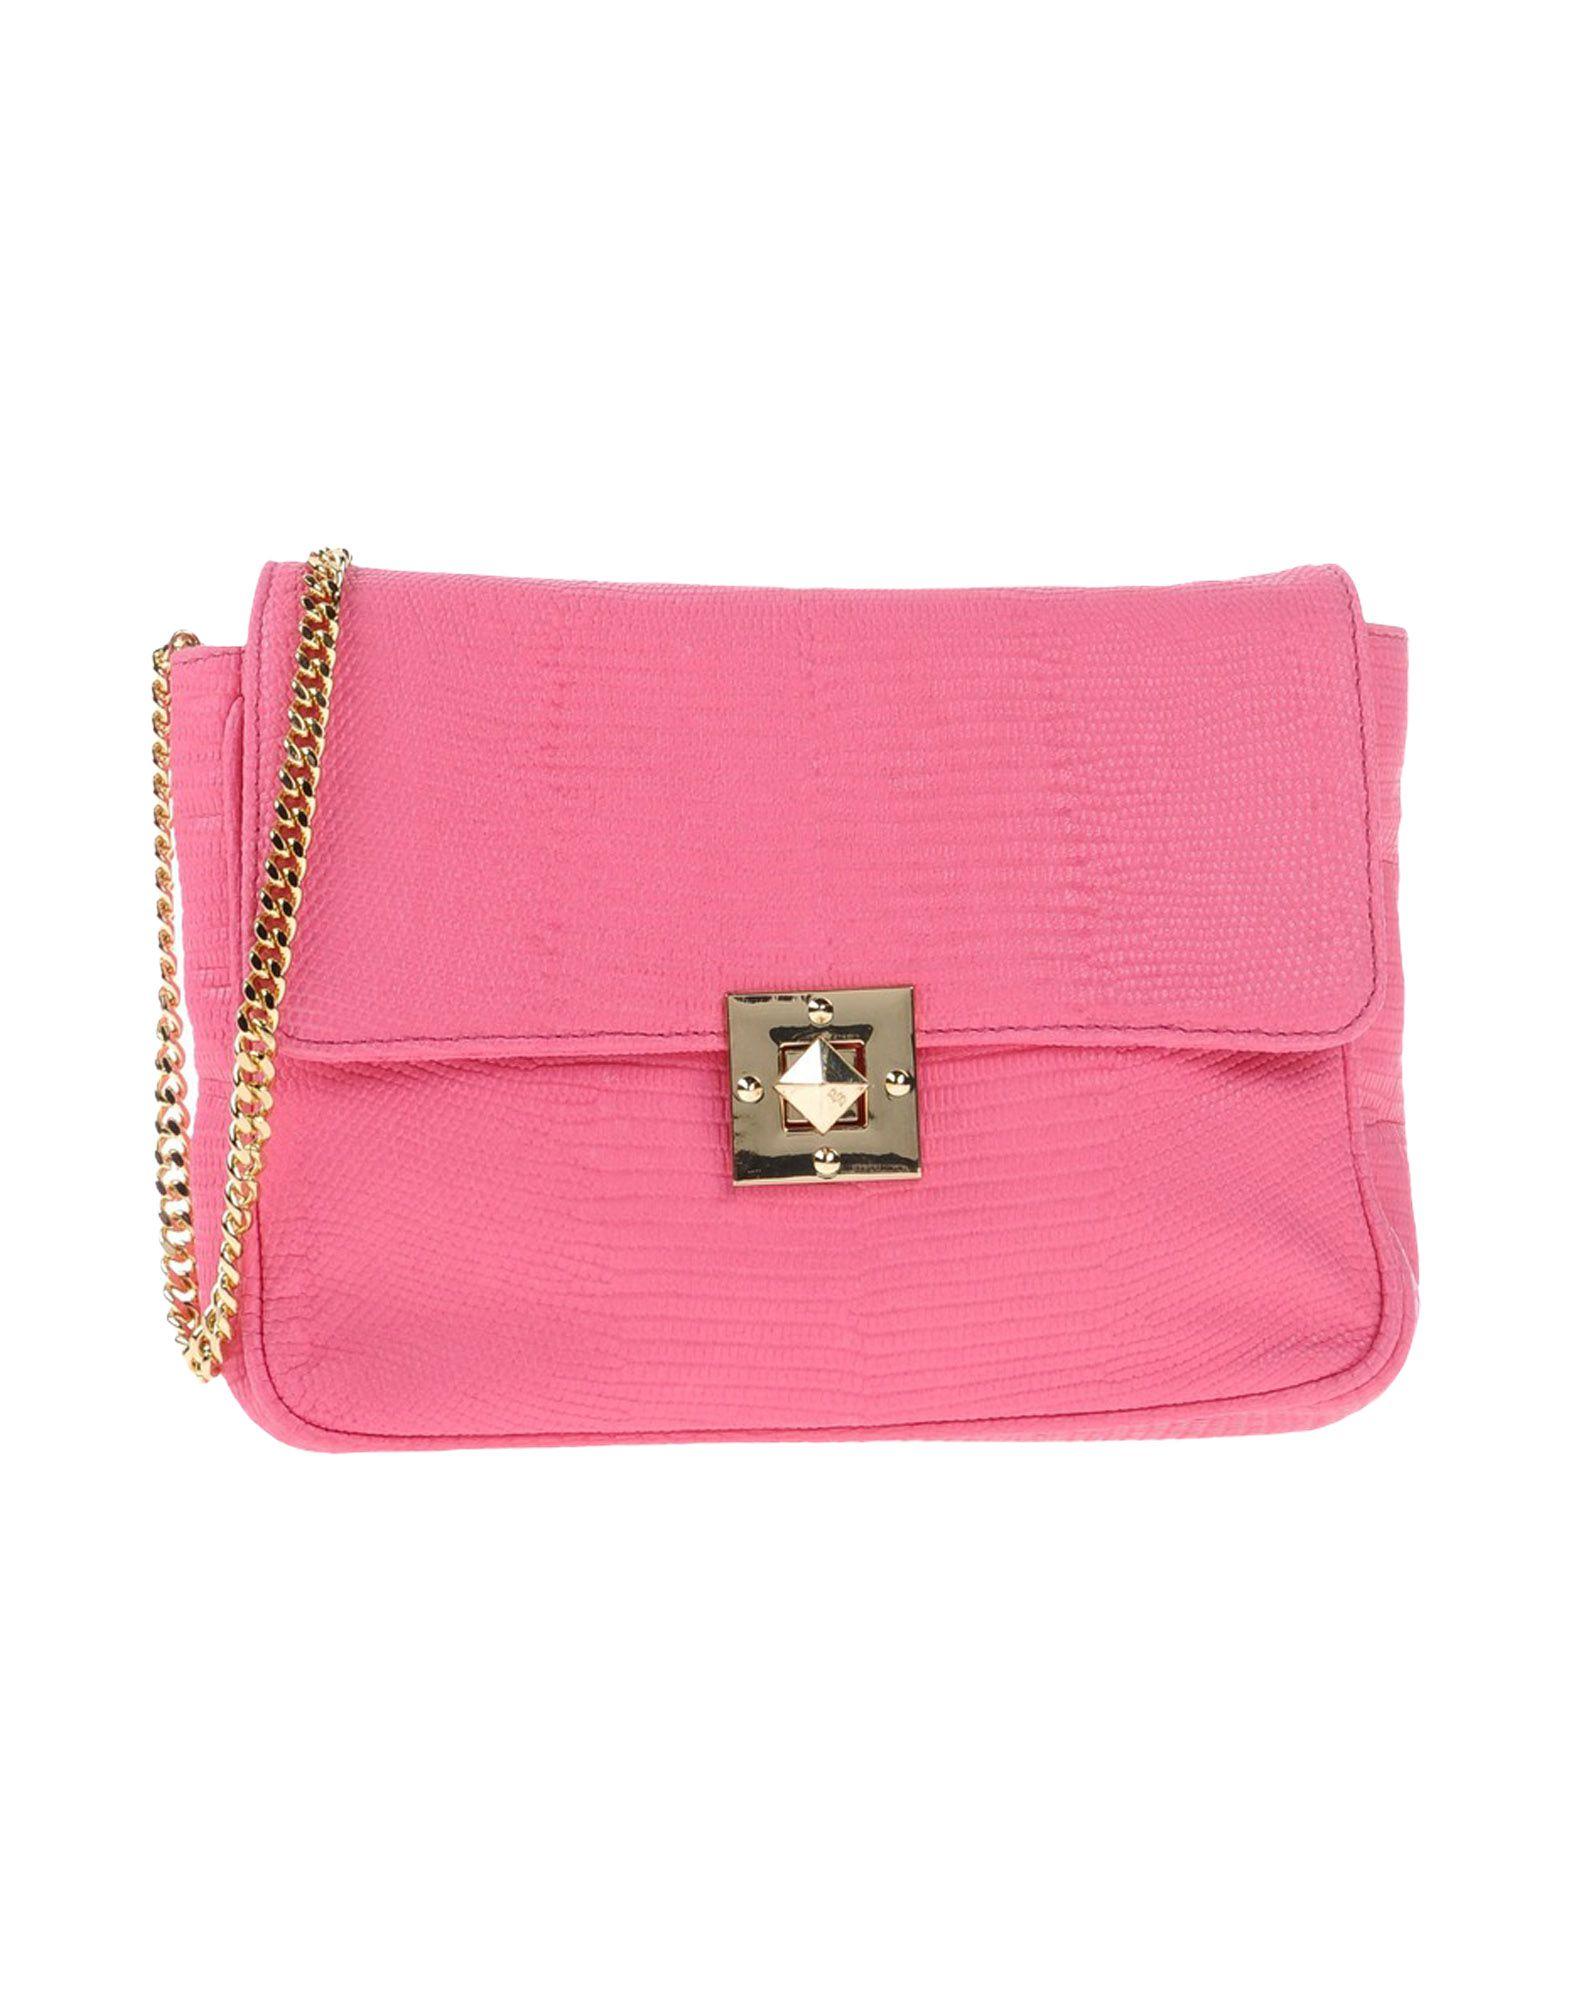 PIERRE BALMAIN Handbags